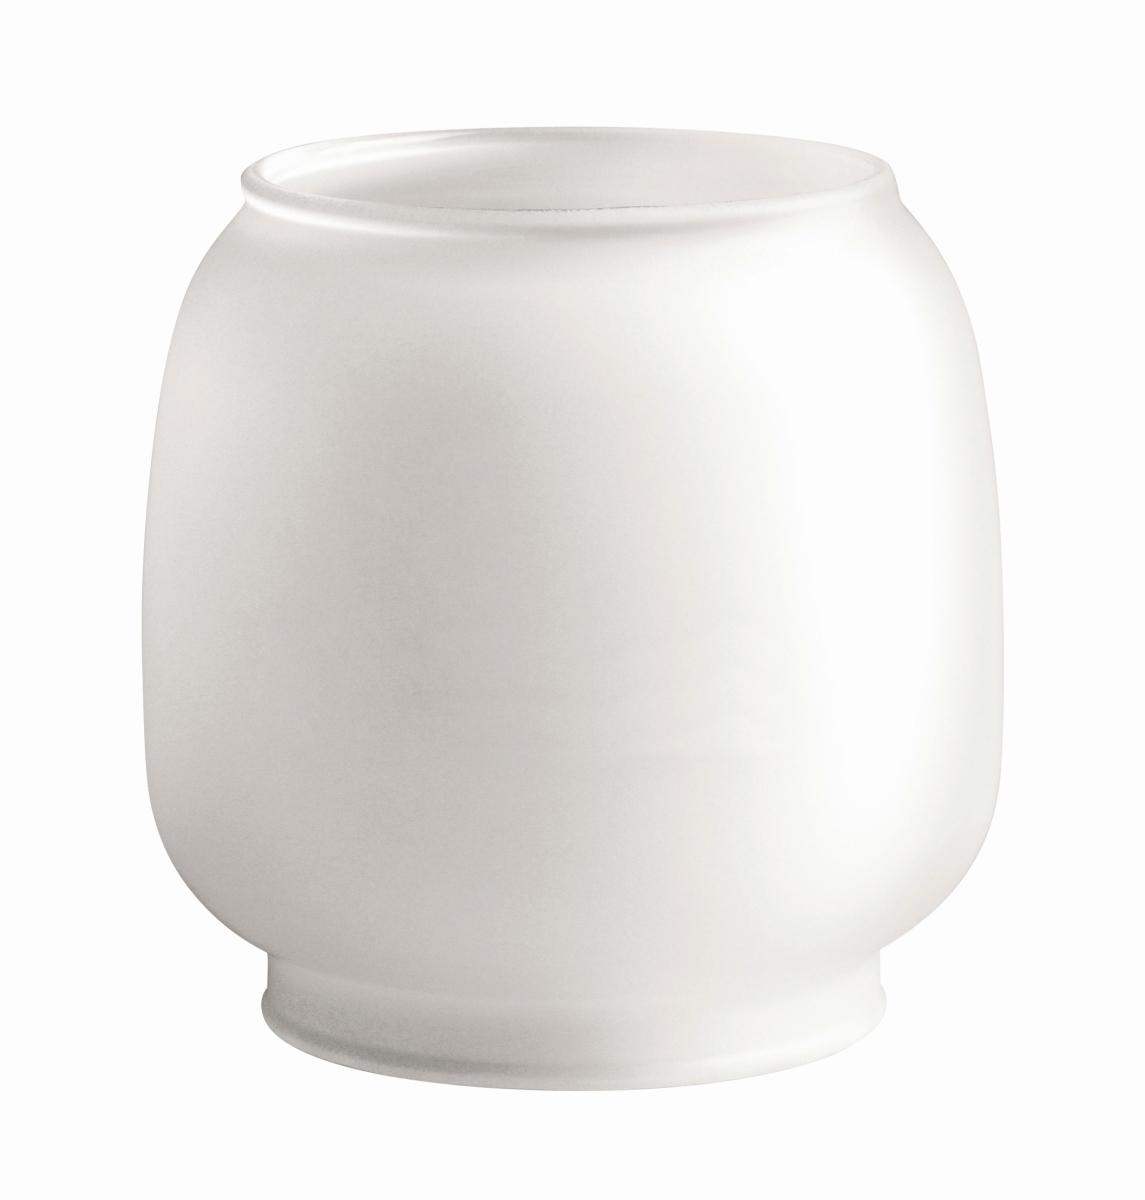 Campingaz Ersatzglas M rund